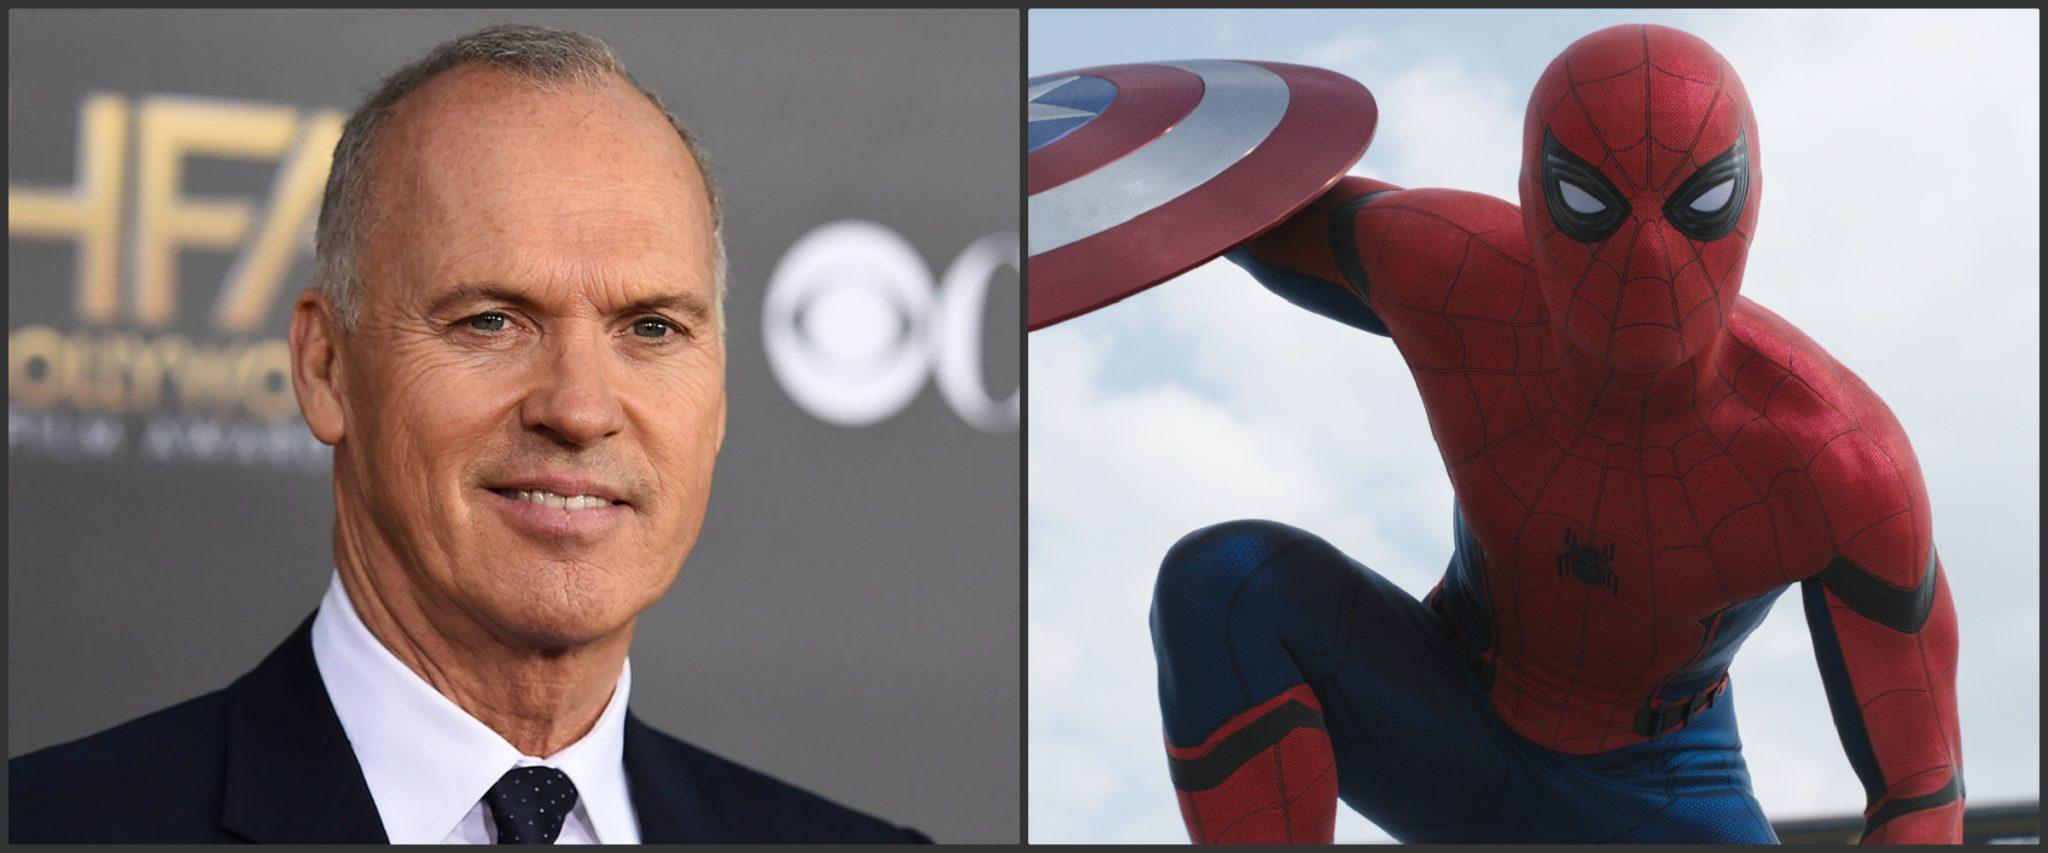 Michael Keaton Spider-Man'in kötü adamı oluyor